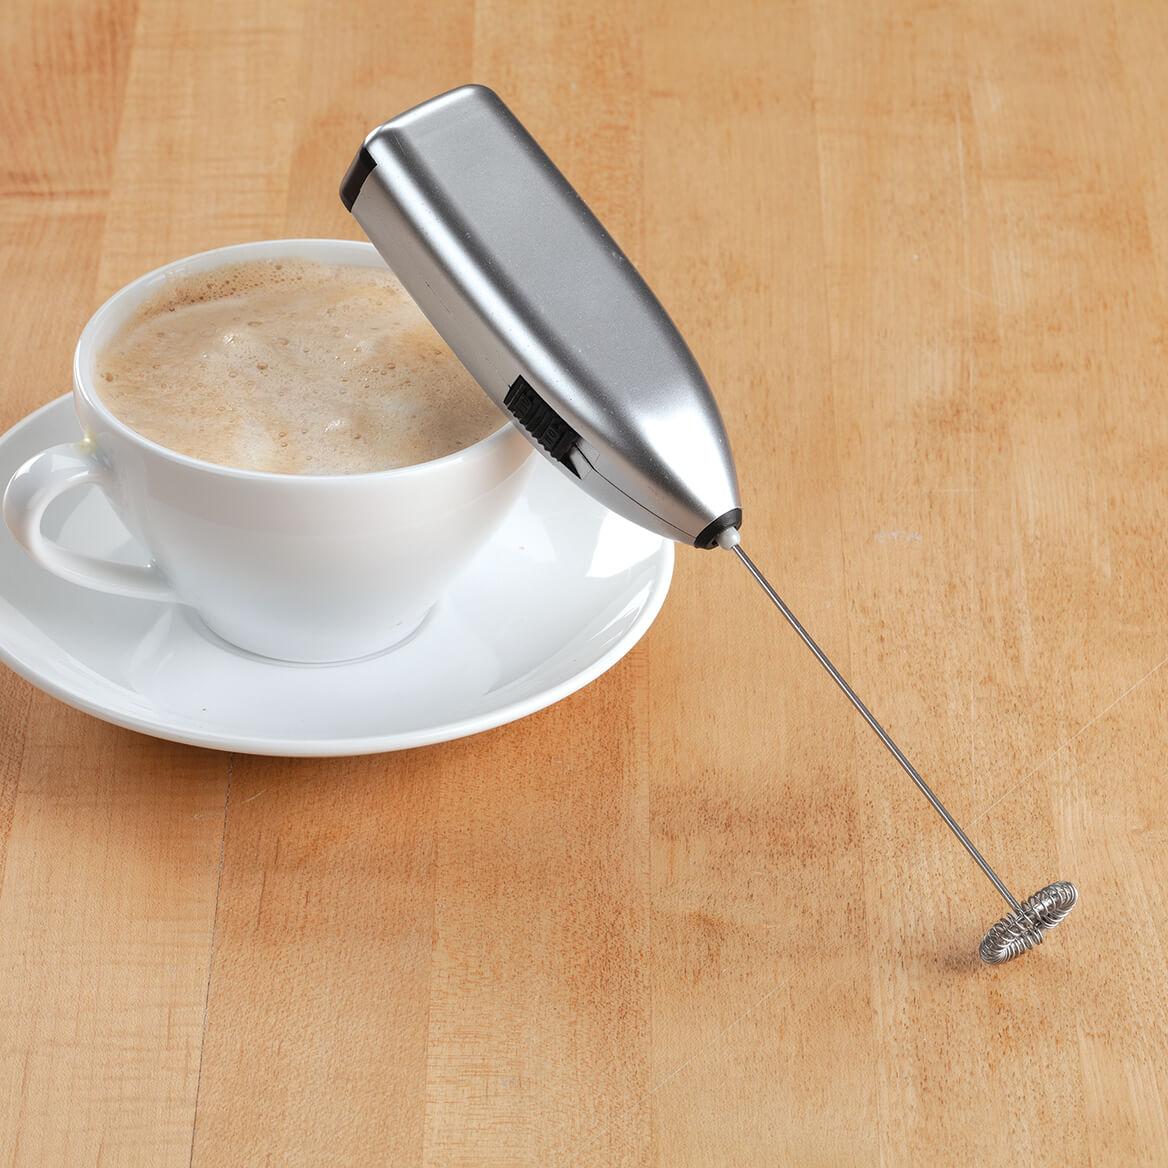 Handheld Milk Frother-371271